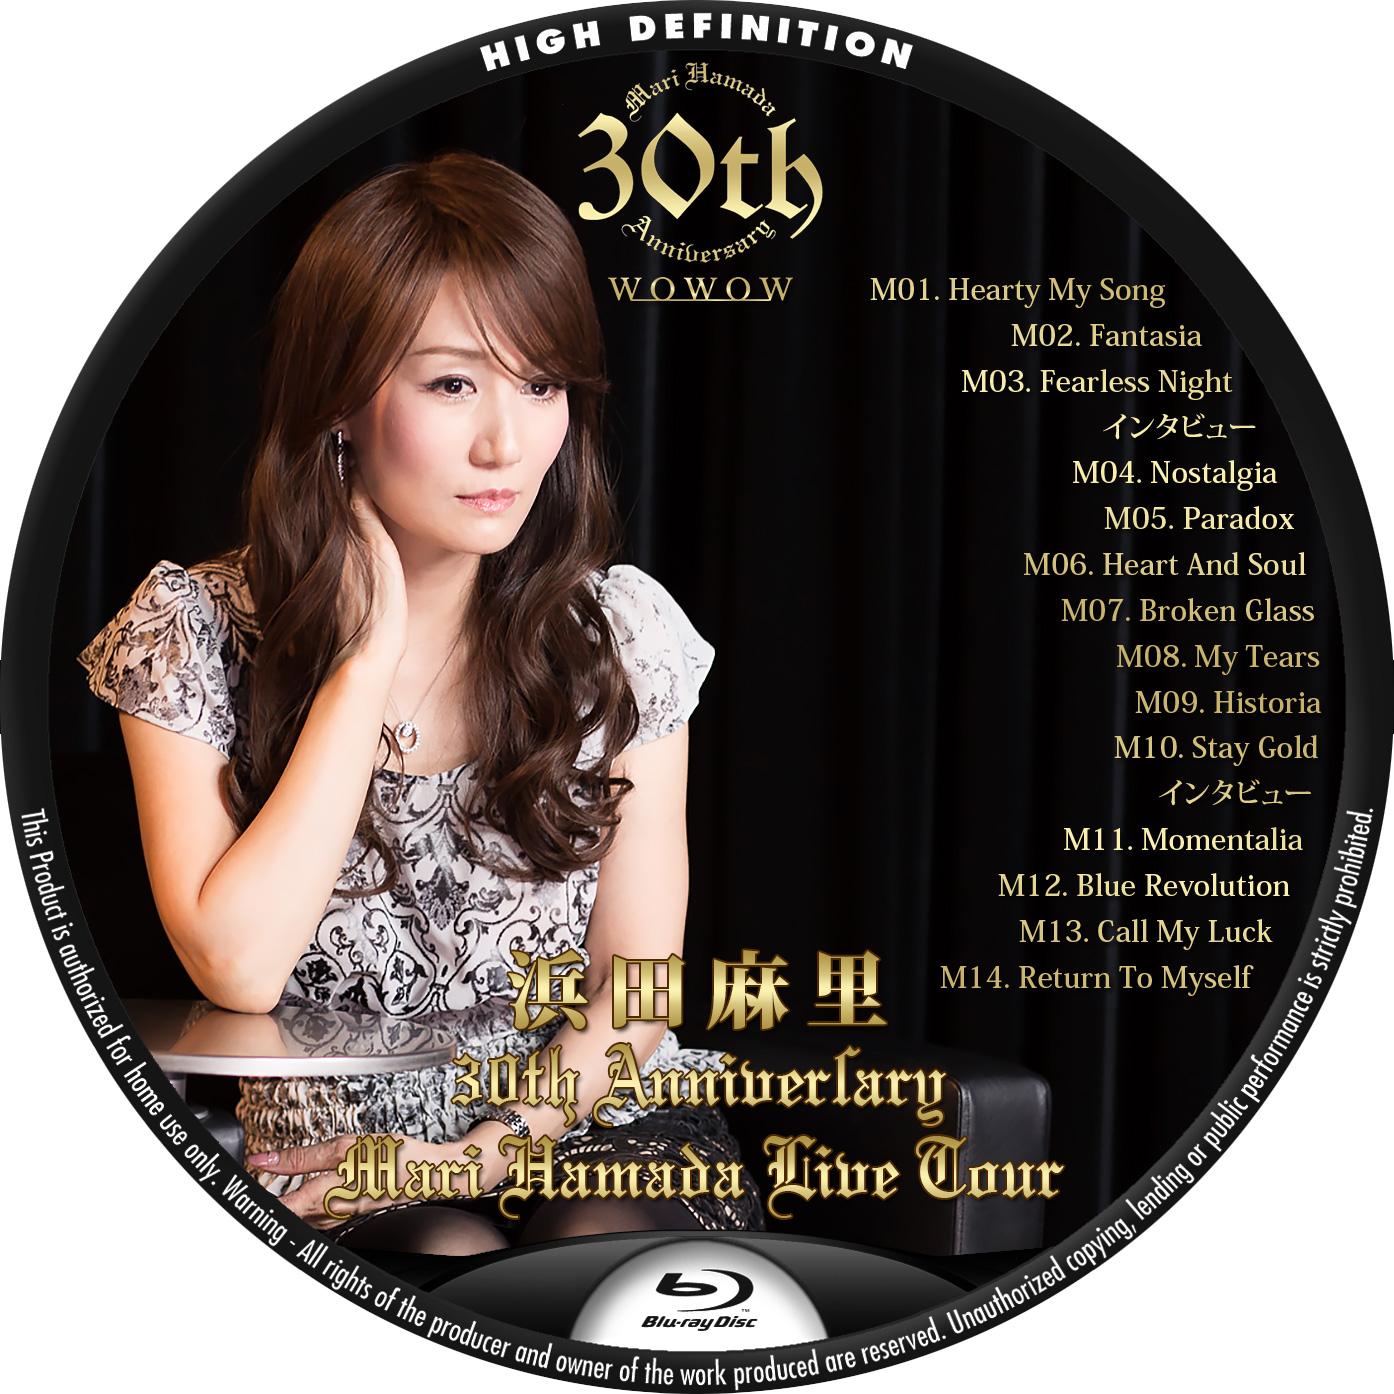 浜田麻里 Anniversary Live BDラベル Blu-ray